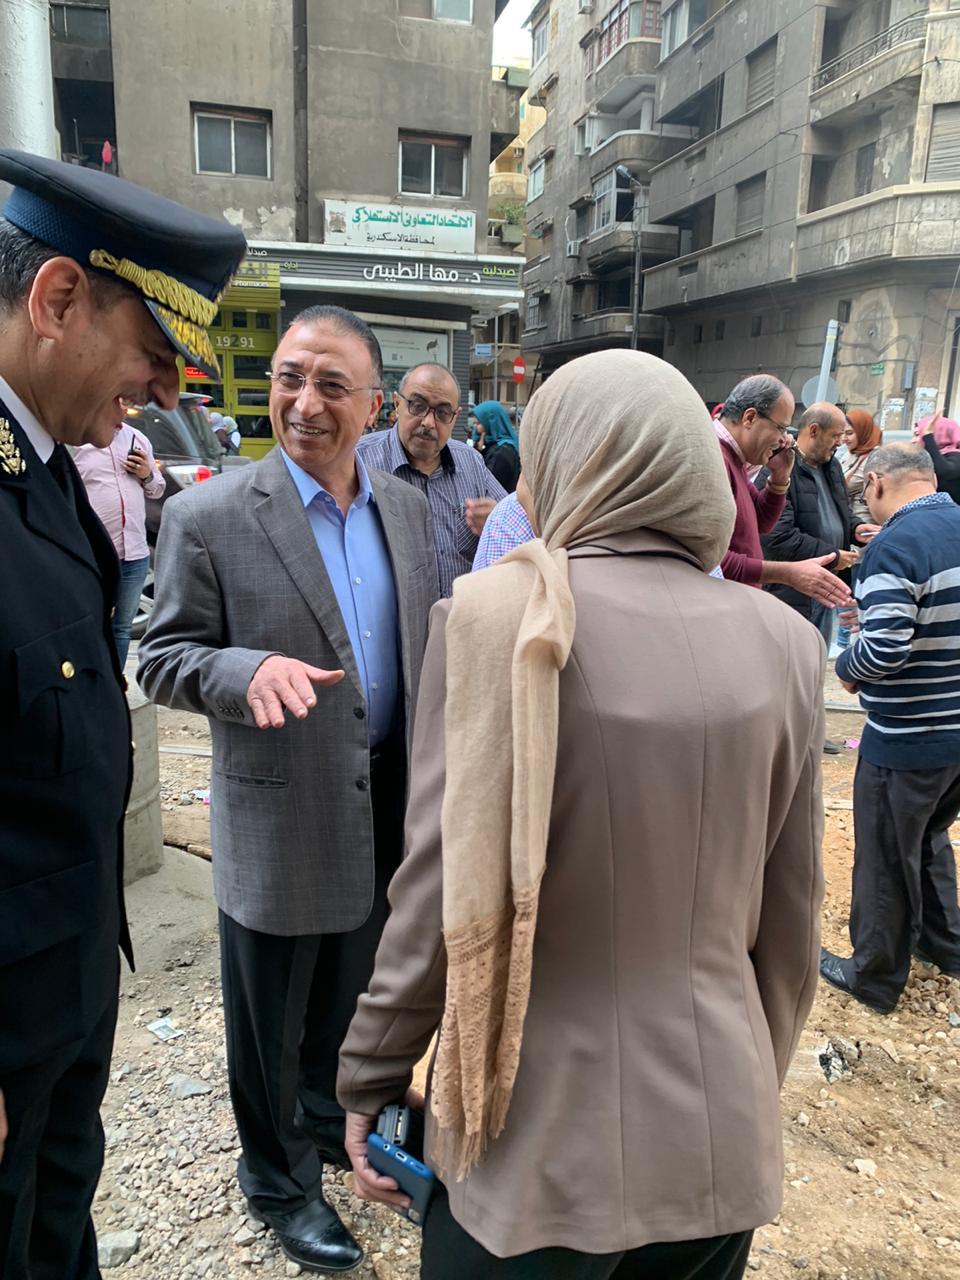 محافظ الاسكندرية يتفقد أعمال إعادة تأهيل مزلقان ترام الوزارة (2)